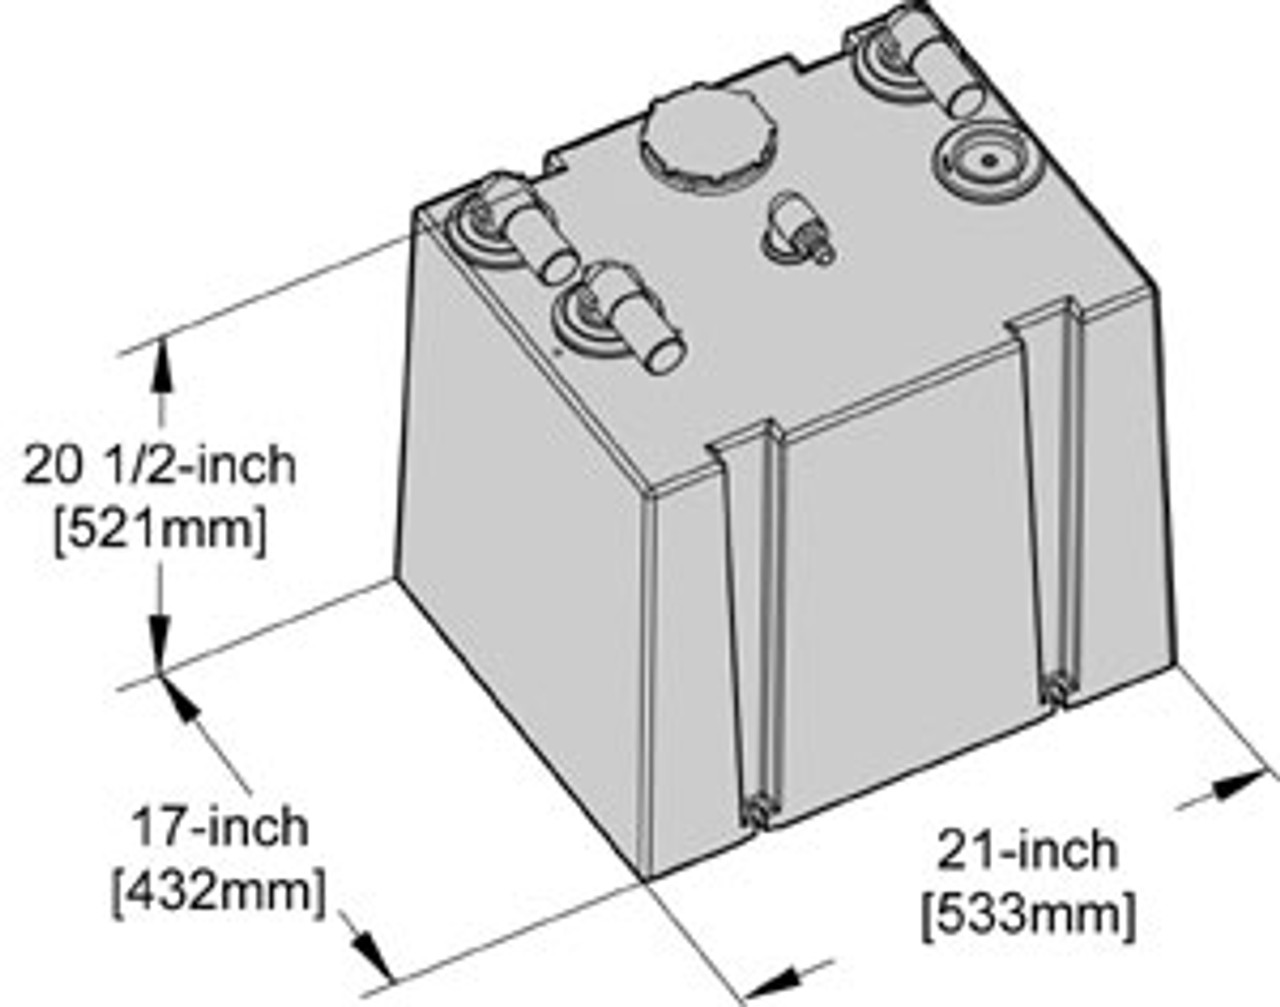 HD TANK 25 HRZ-BASIC